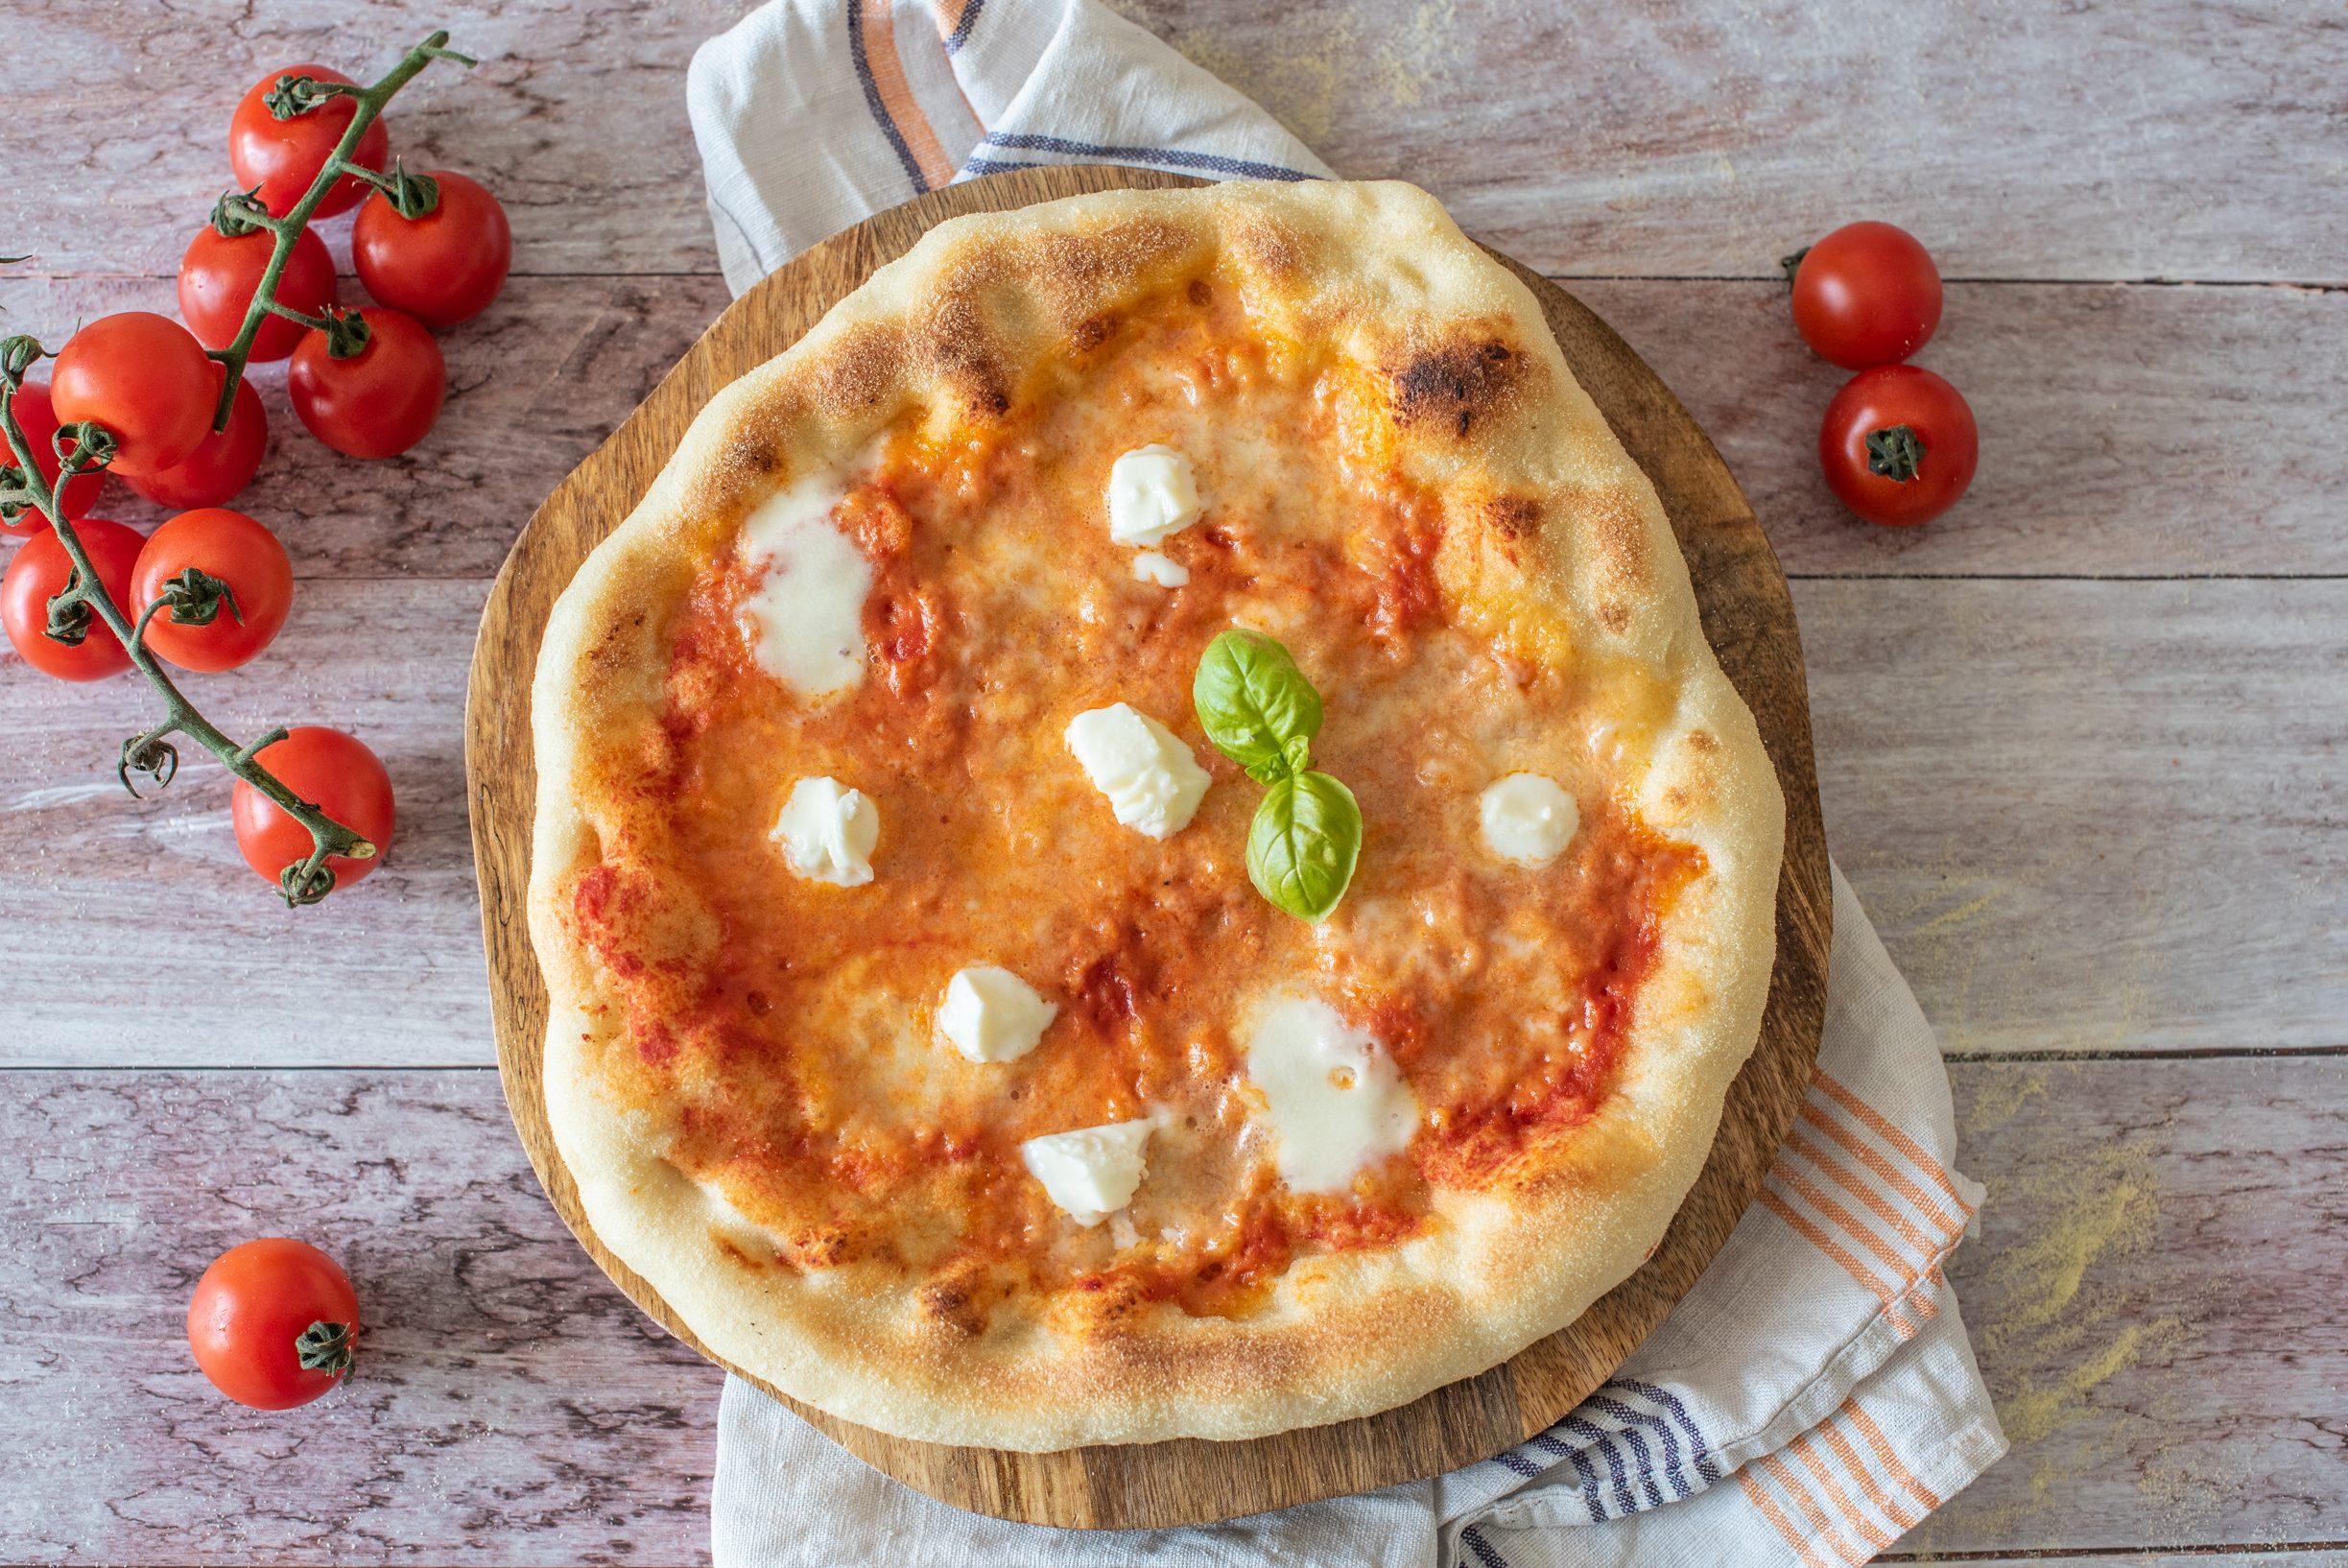 Pizza doppia cottura: la ricetta speciale per fare la pizza come in pizzeria